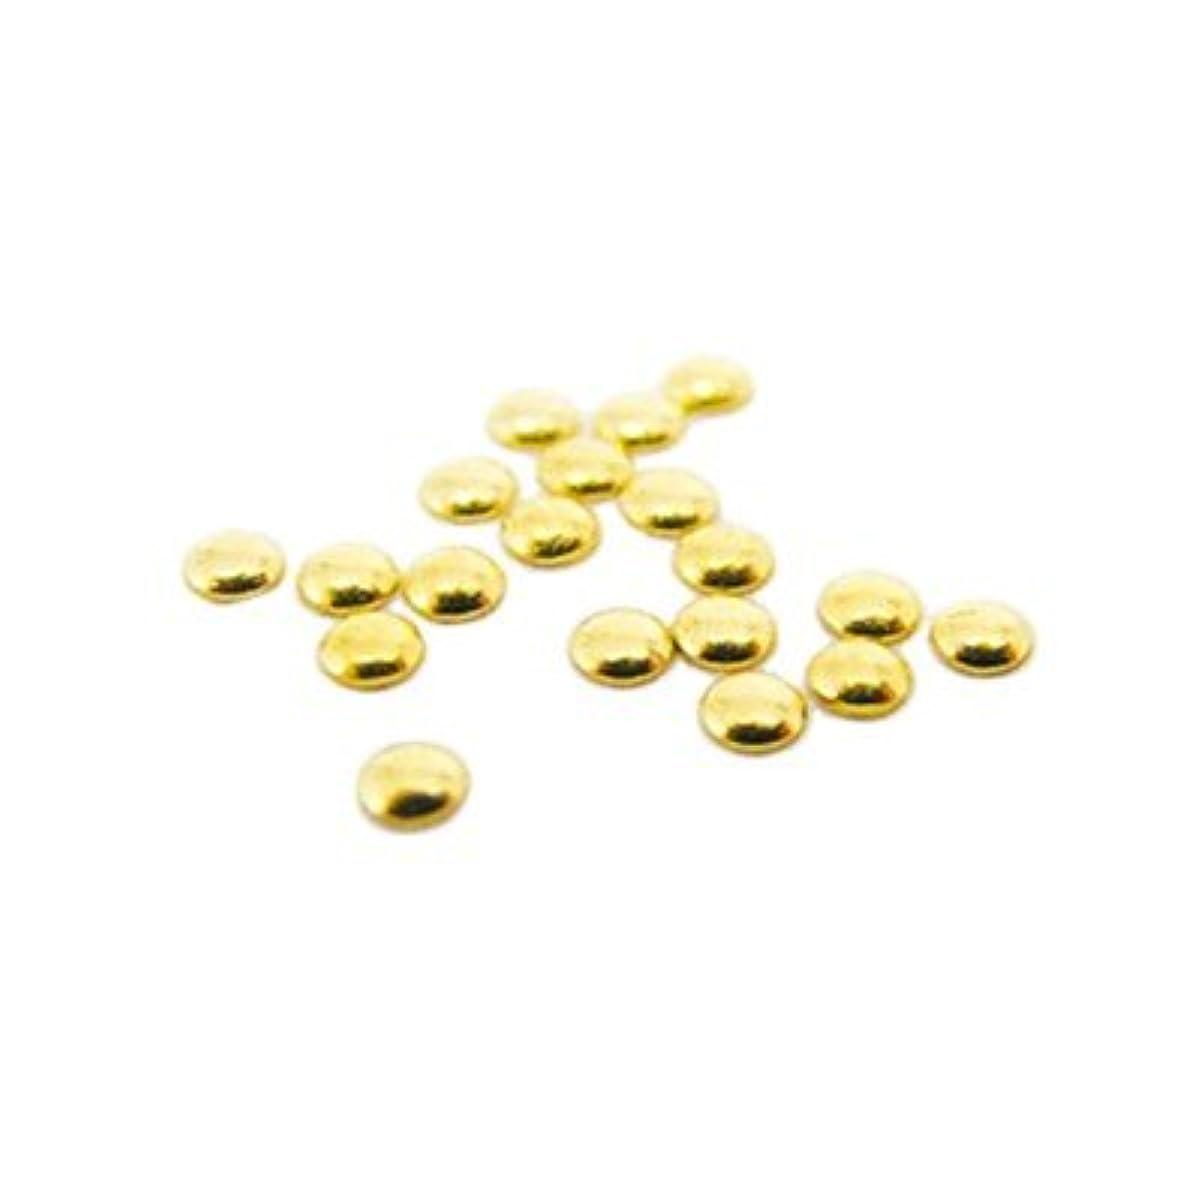 普及地味な香水ピアドラ スタッズ 1.2mm 50P ゴールド